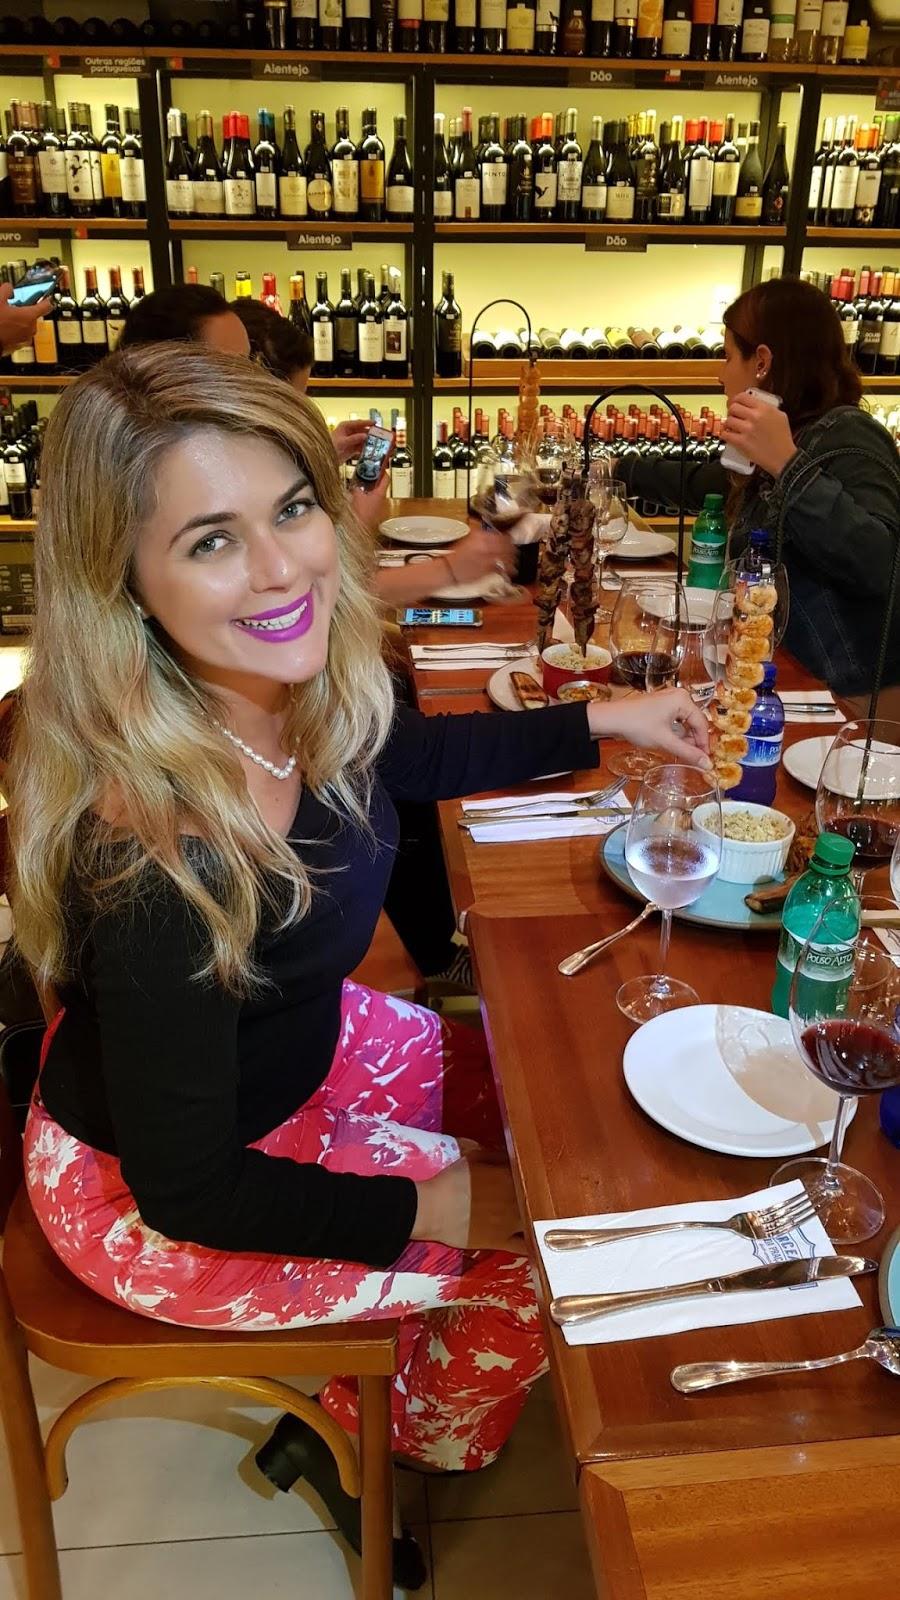 Blog Apaixonados por Viagens - Onde Comer no Rio - Mercearia da Praça - Ipanema